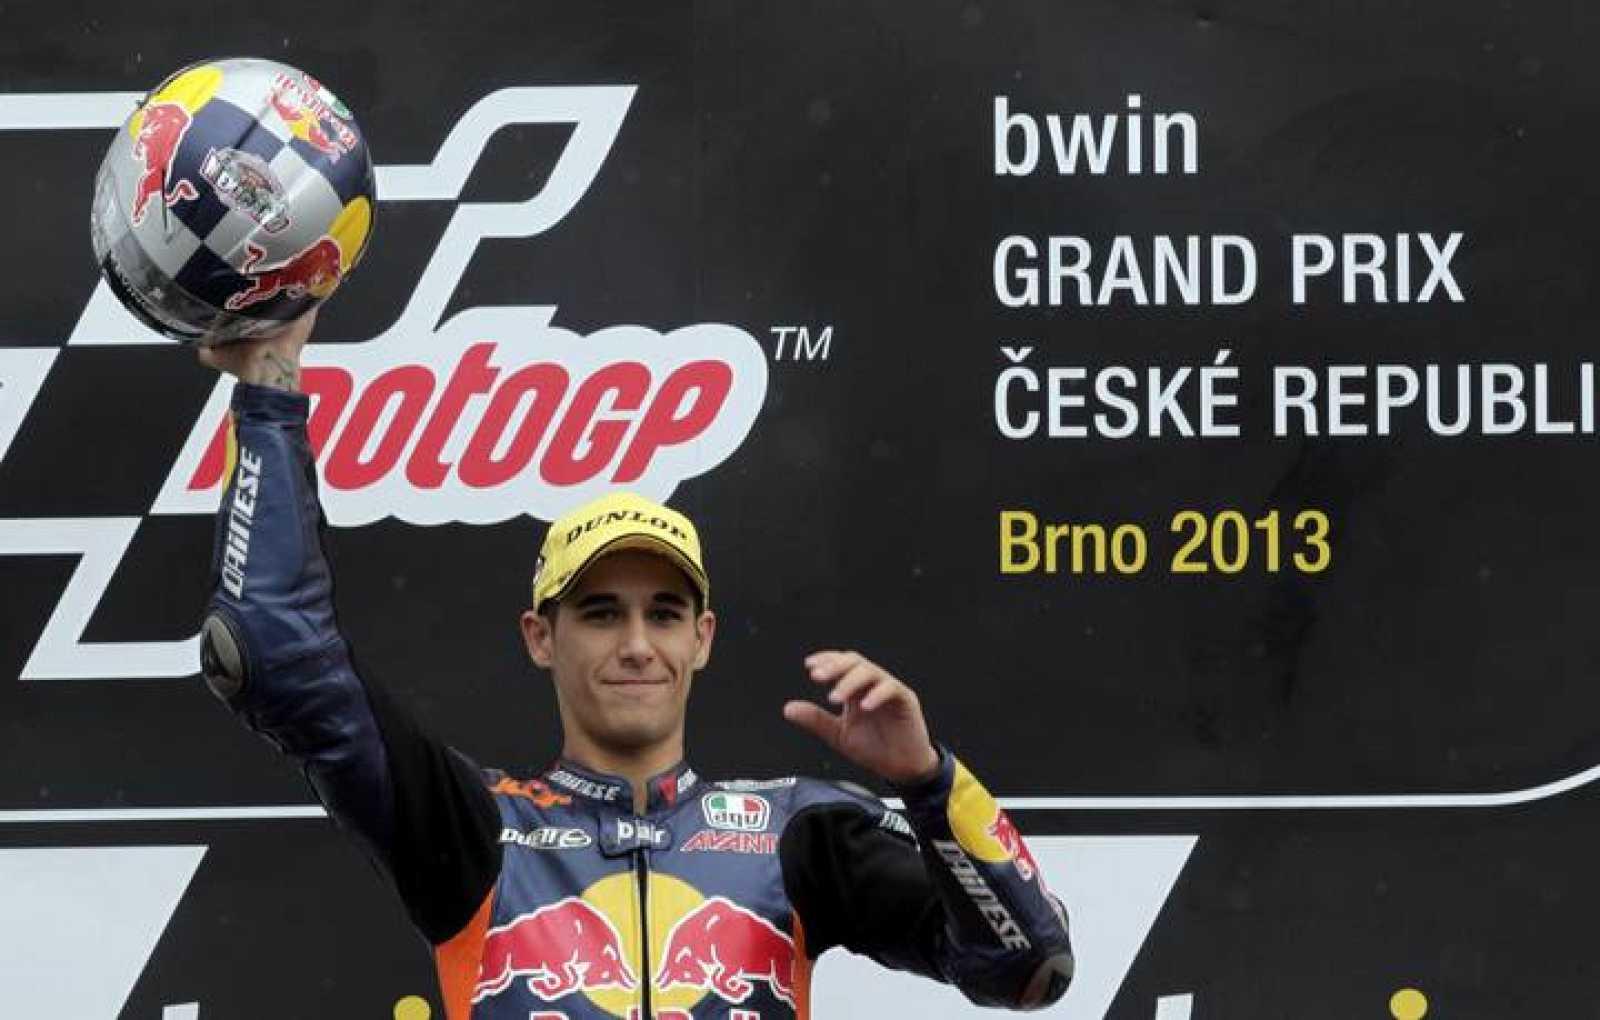 El español Salom celebra su victoria en el podio de Brno.